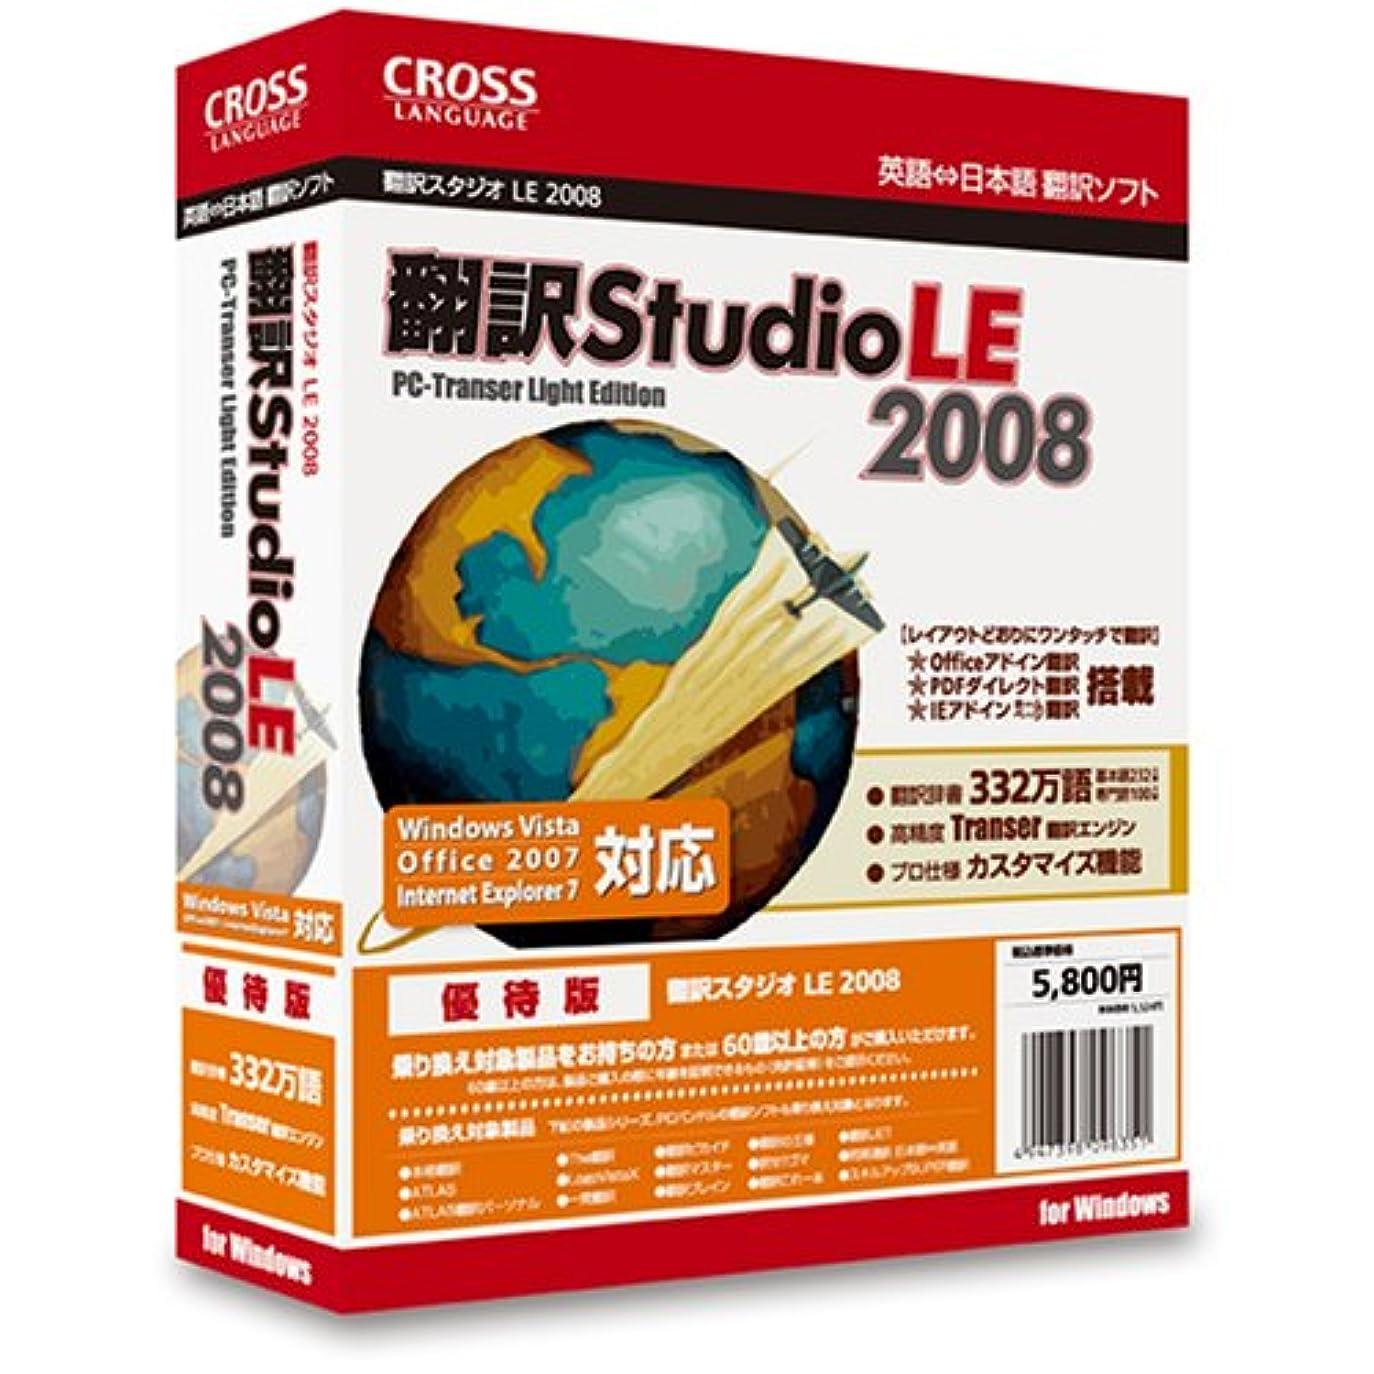 咳より腹翻訳スタジオ LE 2008 優待版